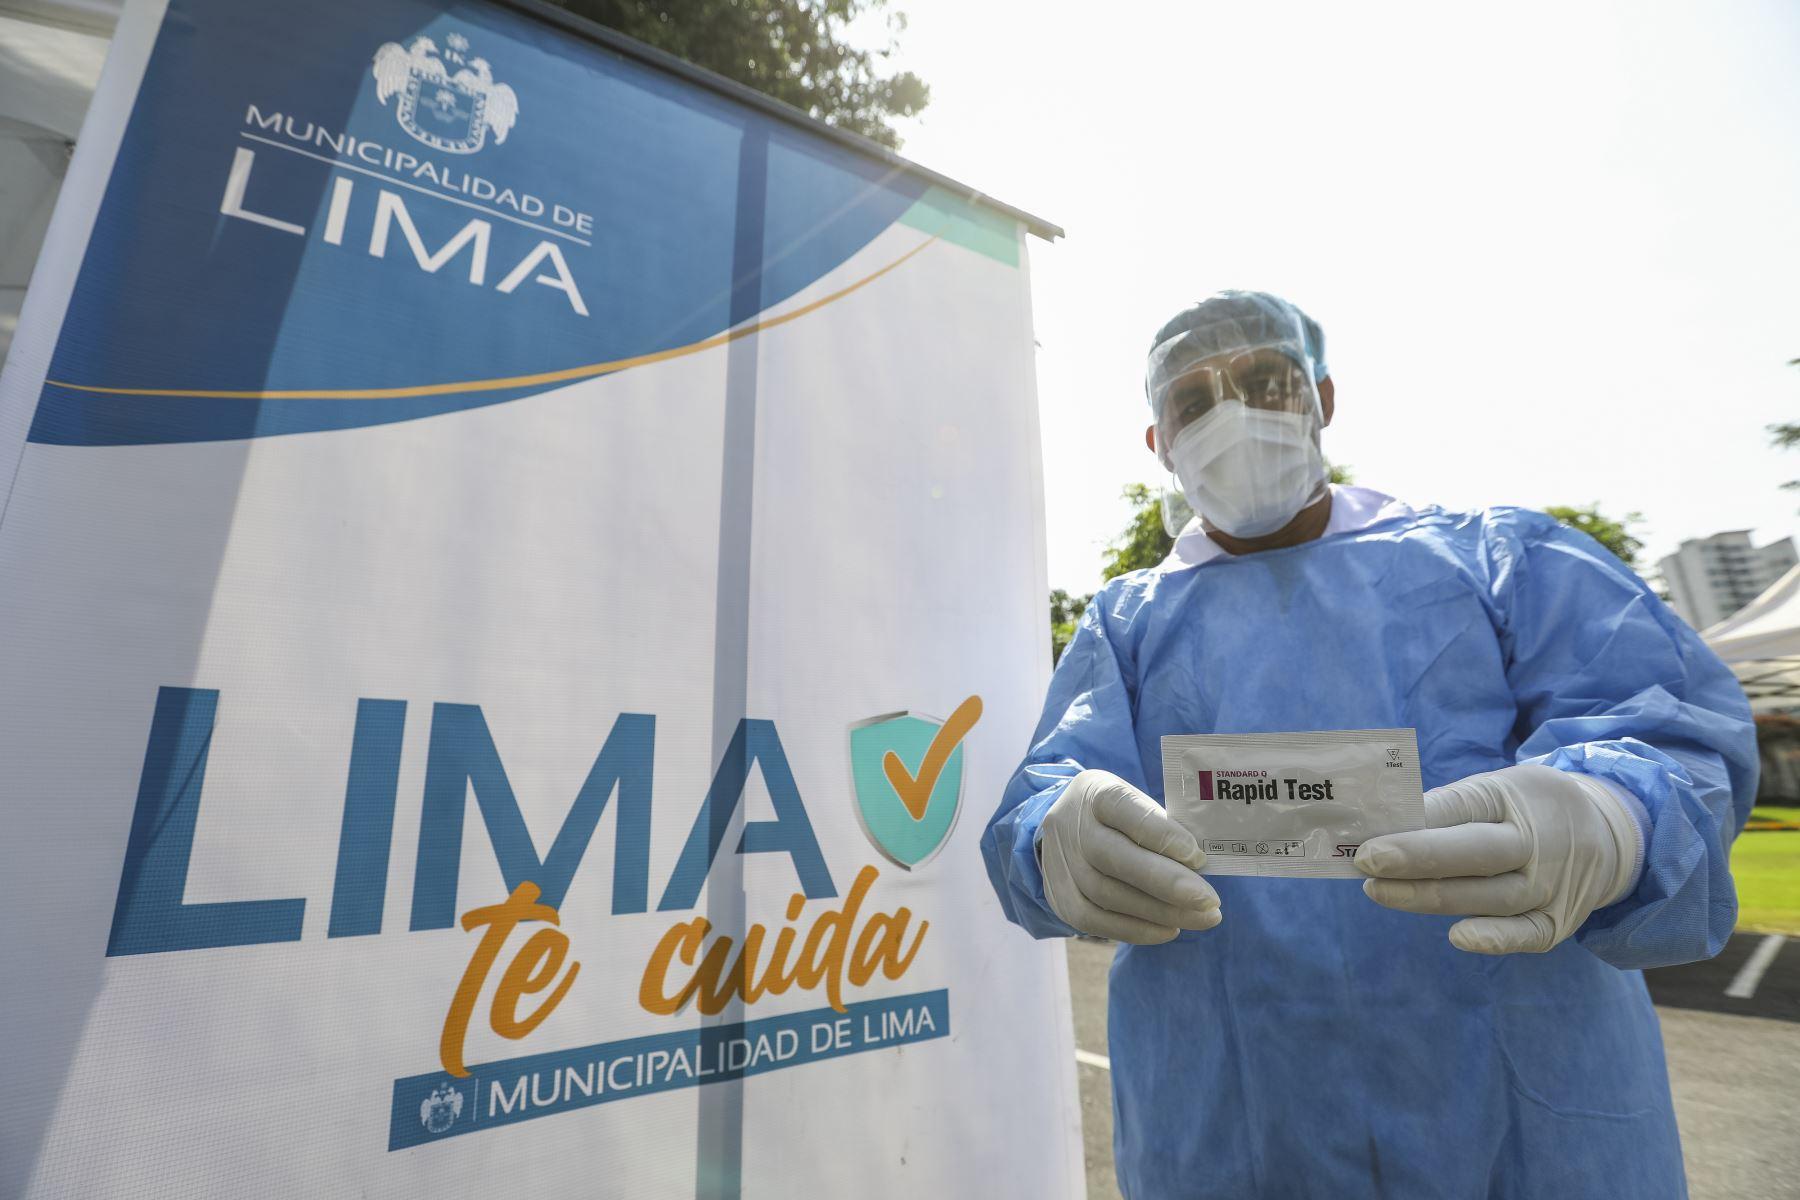 Municipalidad de Lima, a través de Sisol Salud, realiza campaña Lima Te Cuida, con el objetivo de seguir velando por la salud de la población y realizar pruebas de descarte COVID-19 en el Parque de las Aguas. Foto: ANDINA/Municipalidad de Lima